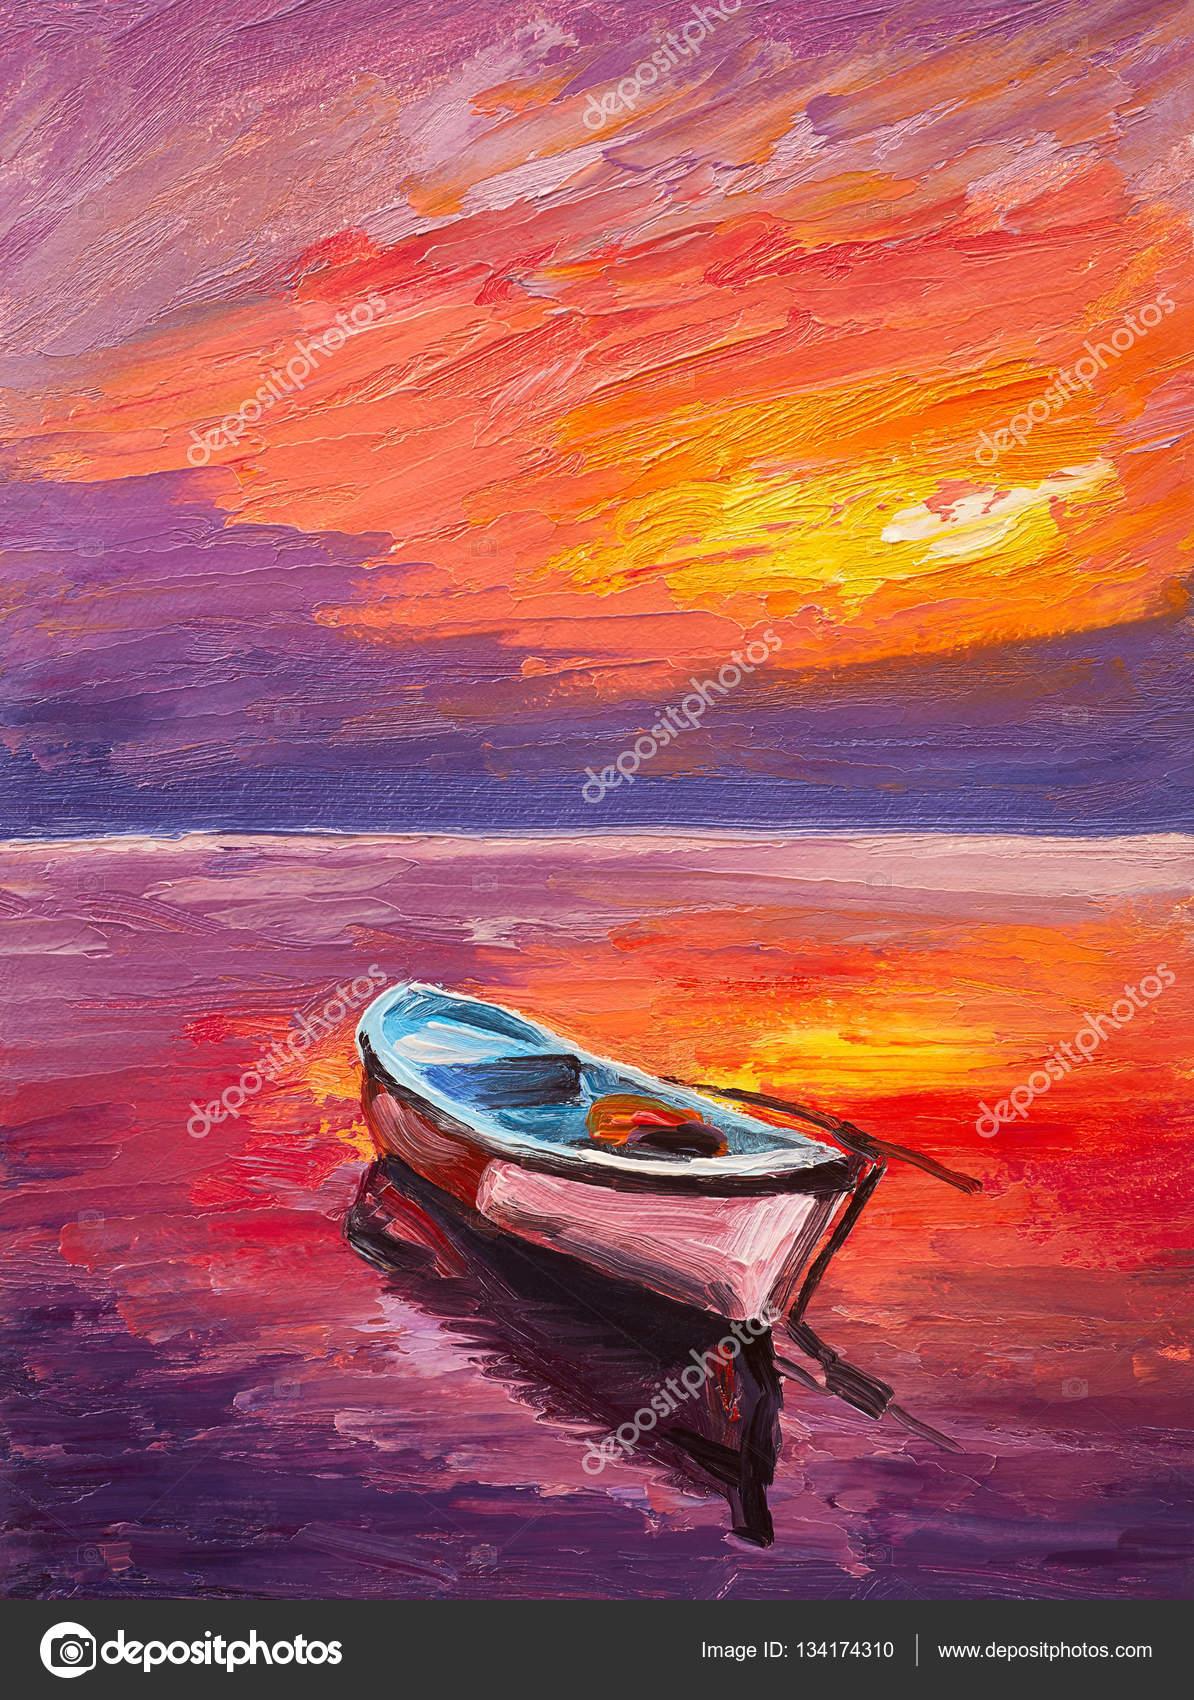 Yağlı Boya Deniz Art Izlenimcilik Renkli Gün Batımı Tekne Stok